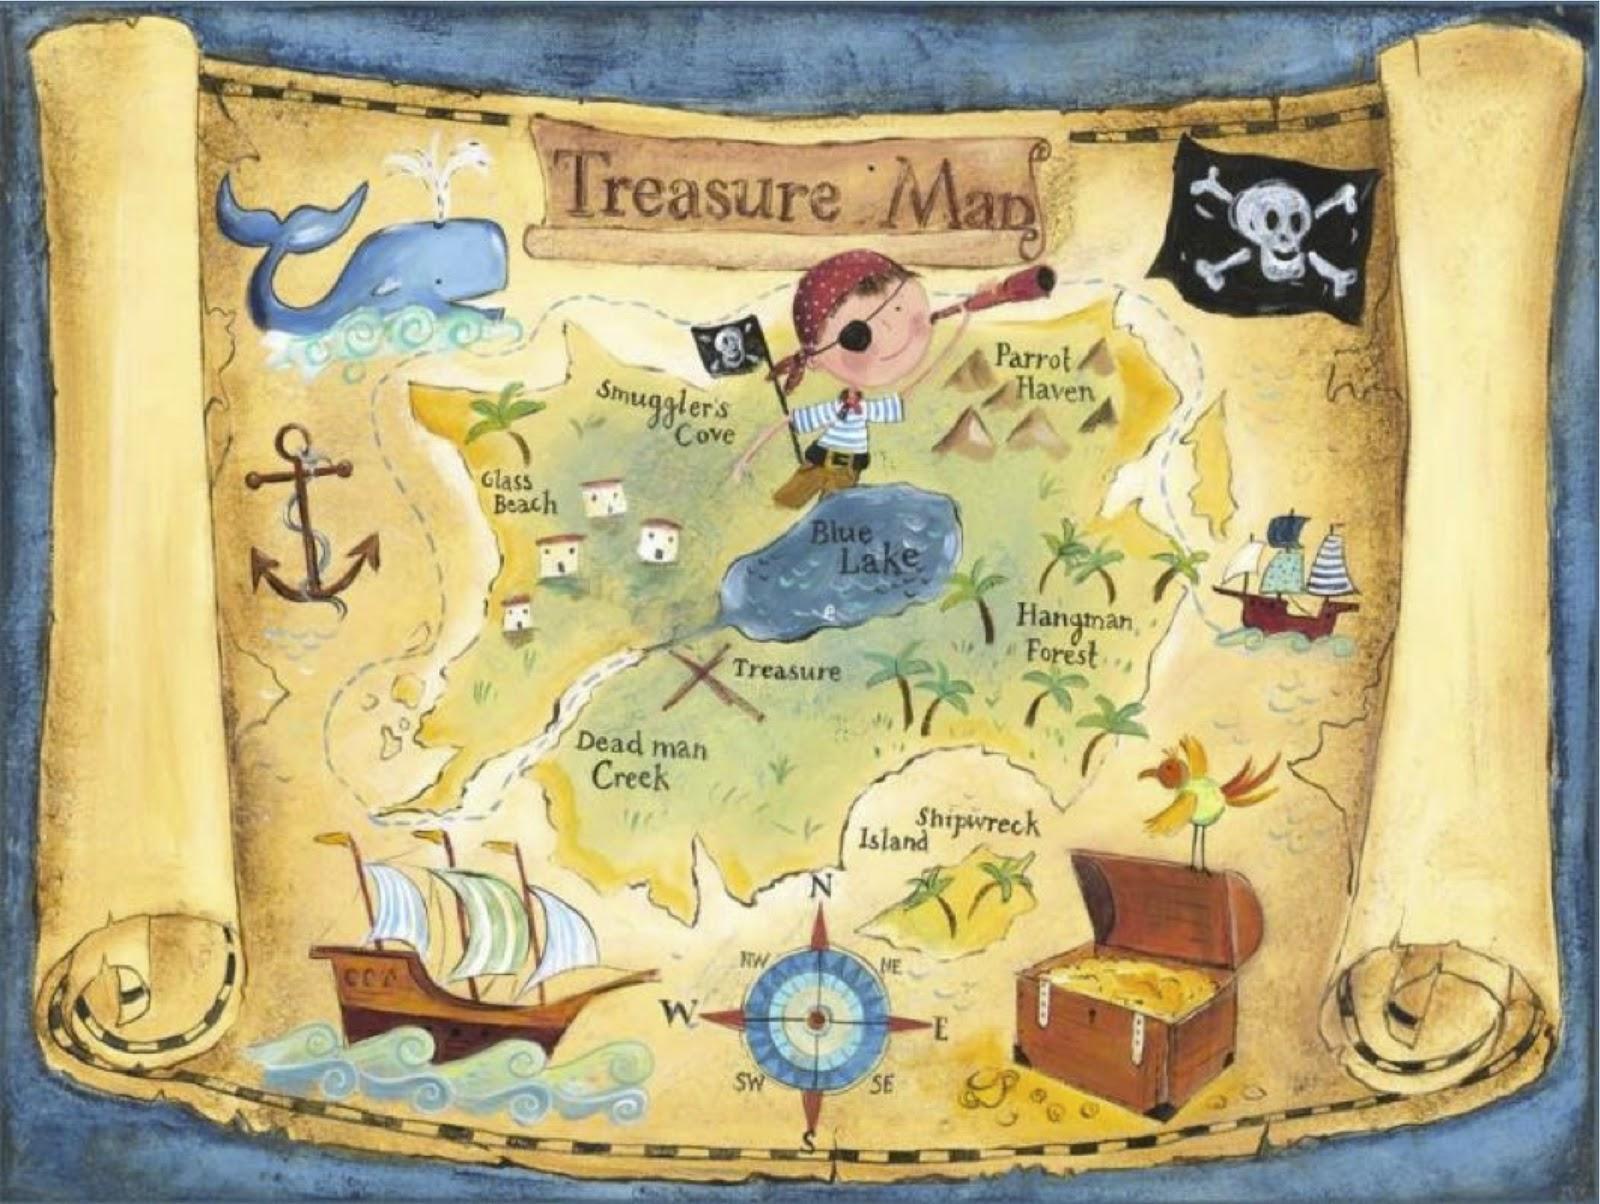 Карта сокровищ своими руками Лука Онлайн 82